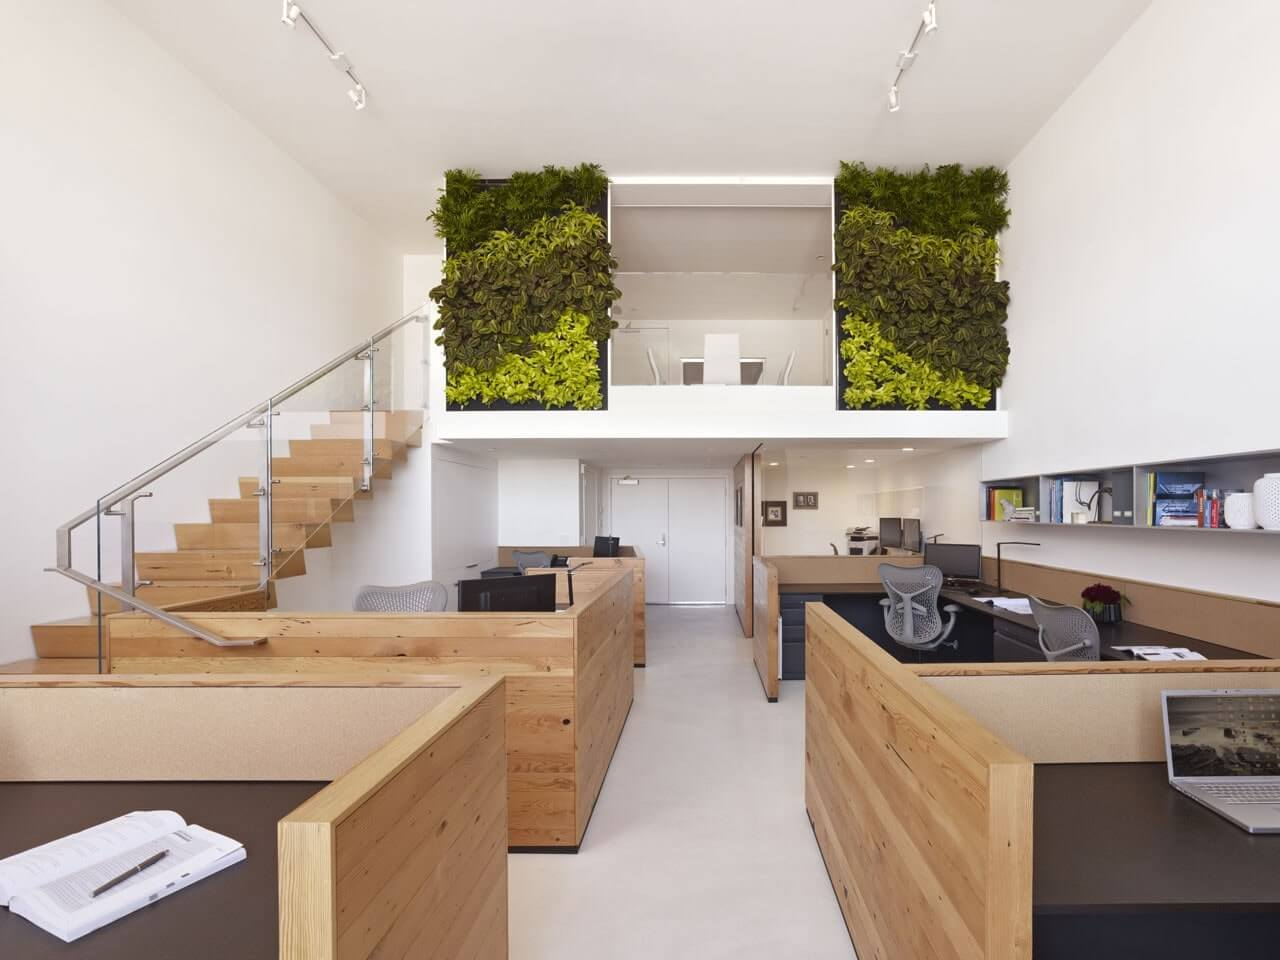 xu hướng thiết kế văn phòng hiện đại hot nhất